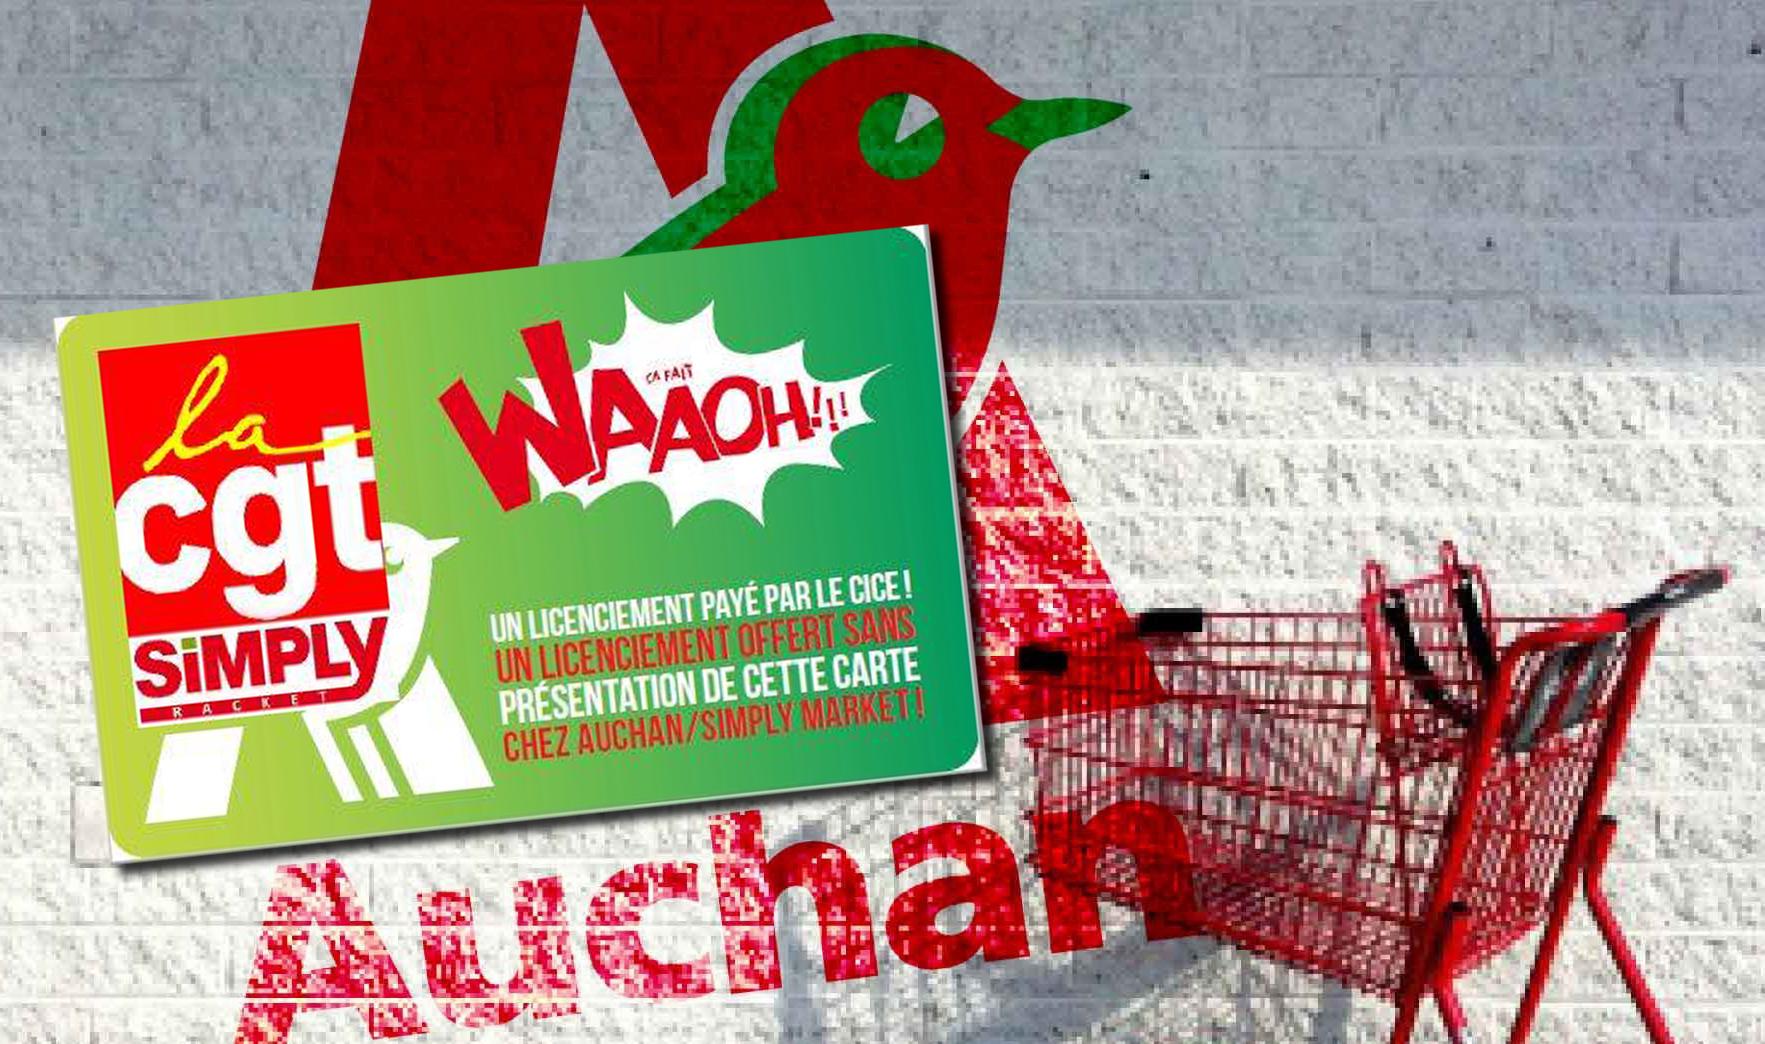 Carte Groupe Auchan.870 Licenciements En Vue Dans Le Groupe Auchan Malgre Les